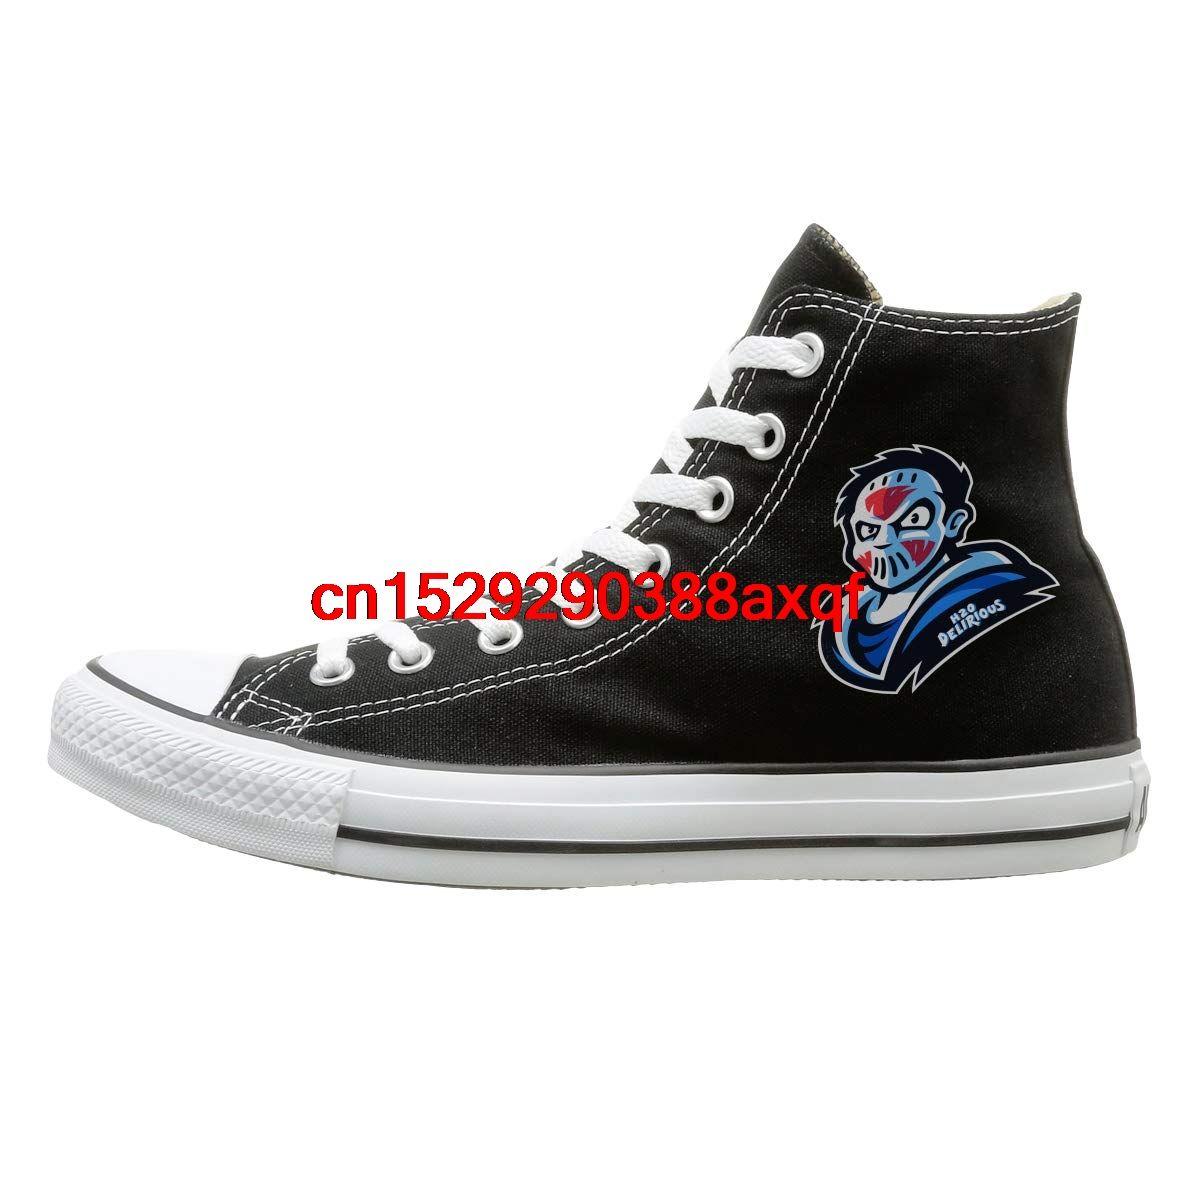 Scarpe di tela high-top Sneaker H2O-Delirious-gioco casual a piedi scarpe per uomo donna